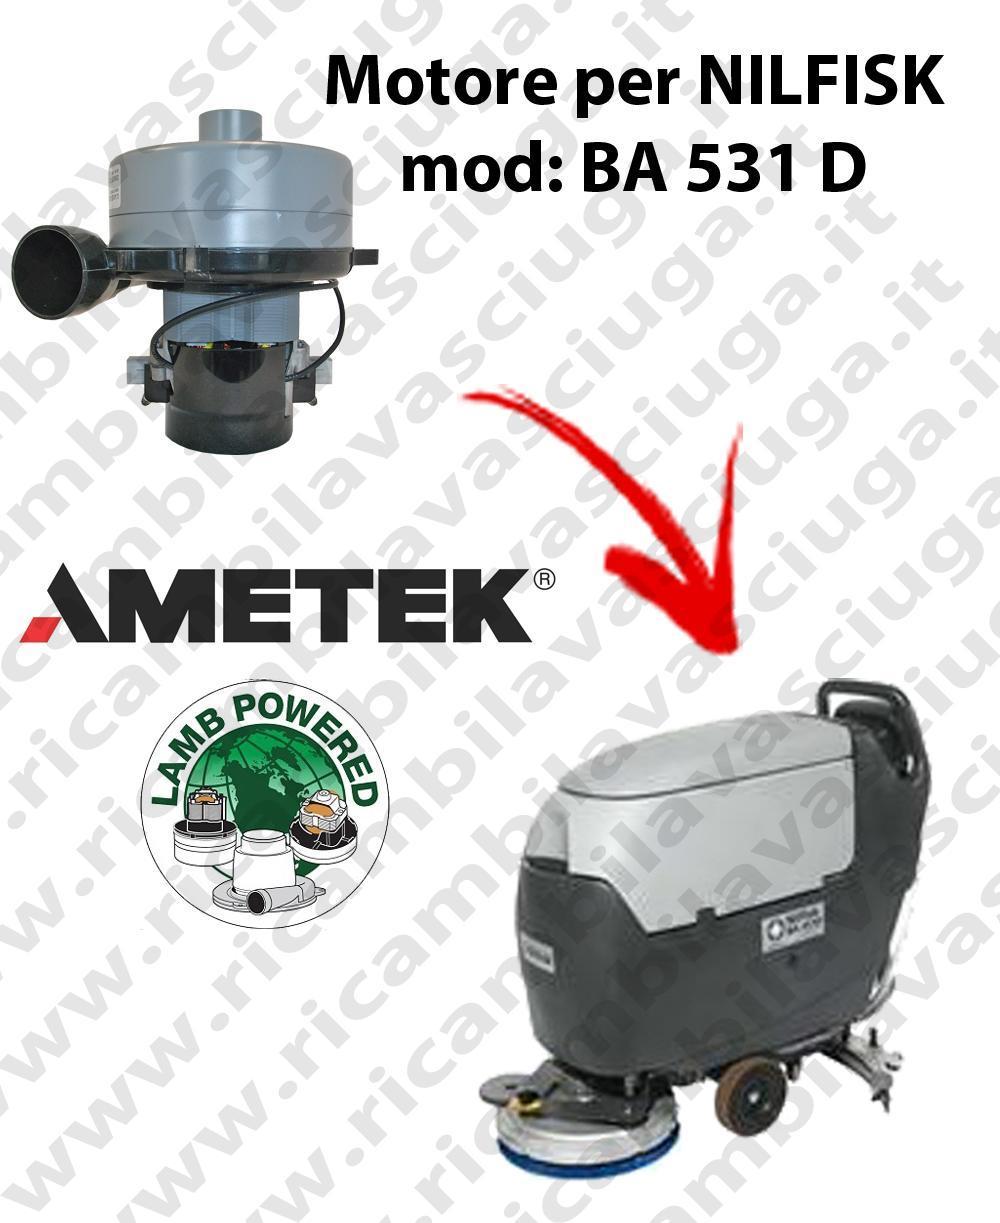 BA 531 D MOTEUR ASPIRATION LAMB AMETEK pour autolaveuses NILFISK